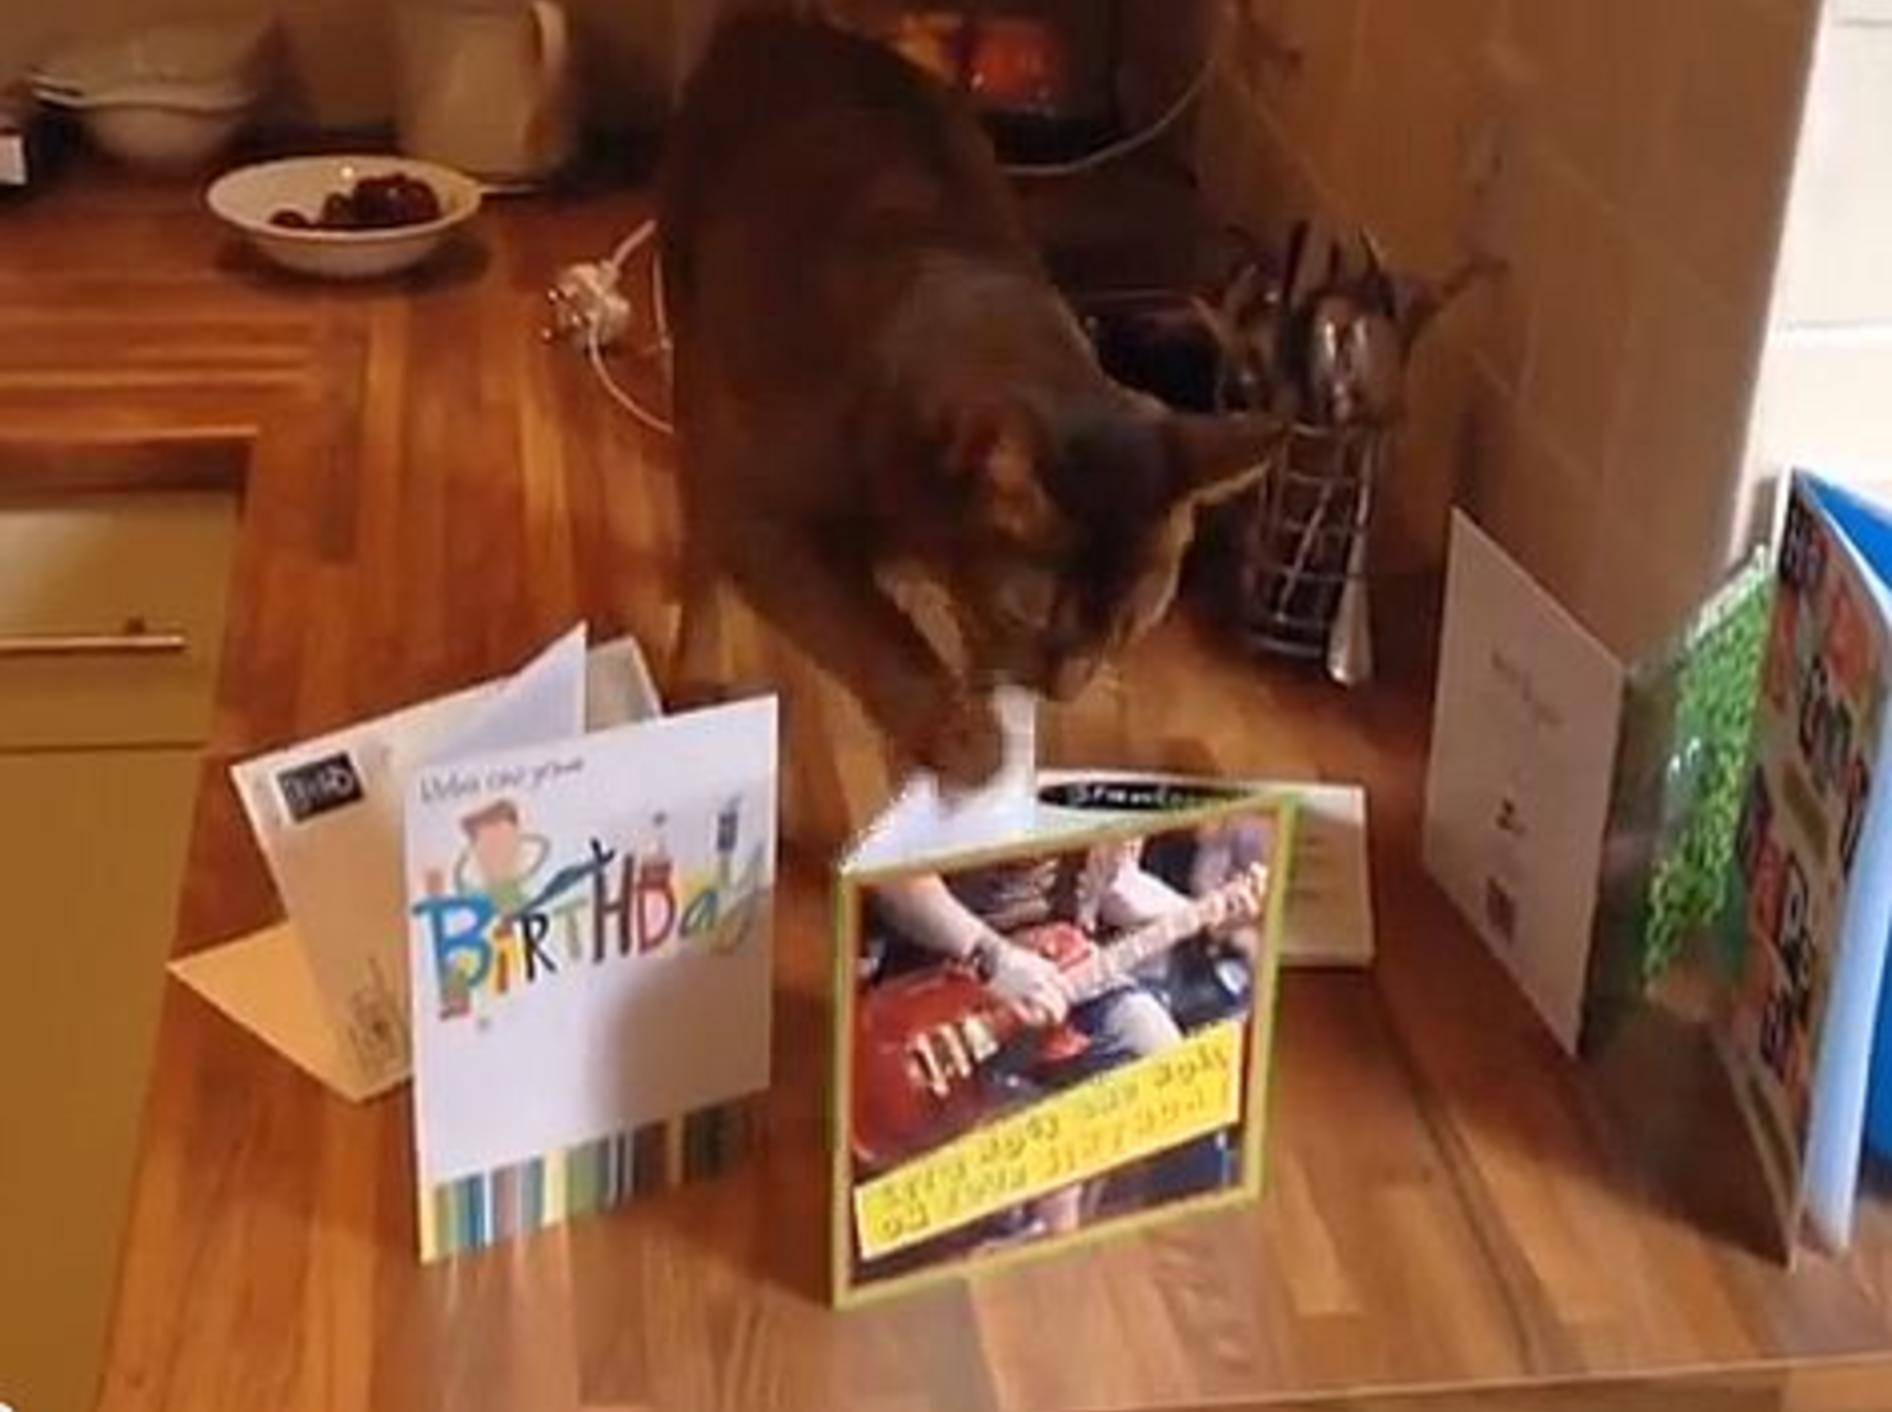 Vor dieser Katze ist keine Geburtstagskarte sicher – Bild: Youtube / Lewis Tollan